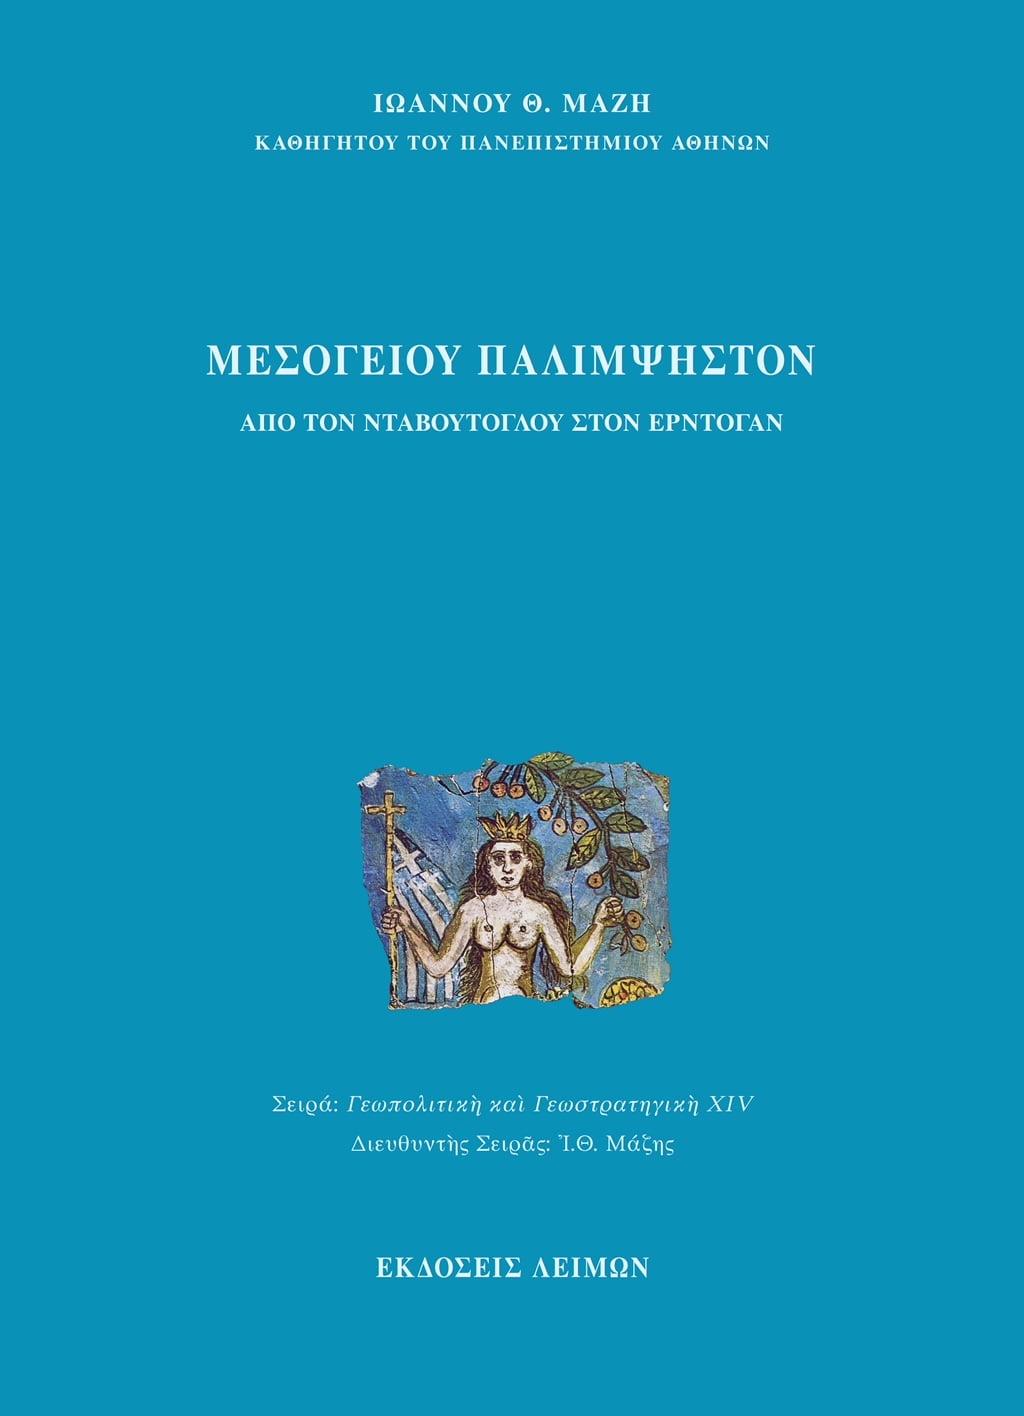 Νέο βιβλίο του Ιωάννη Μάζη: Μεσογείου Παλίμψηστον – Από τον Νταβούτογλου στον Ερντογάν